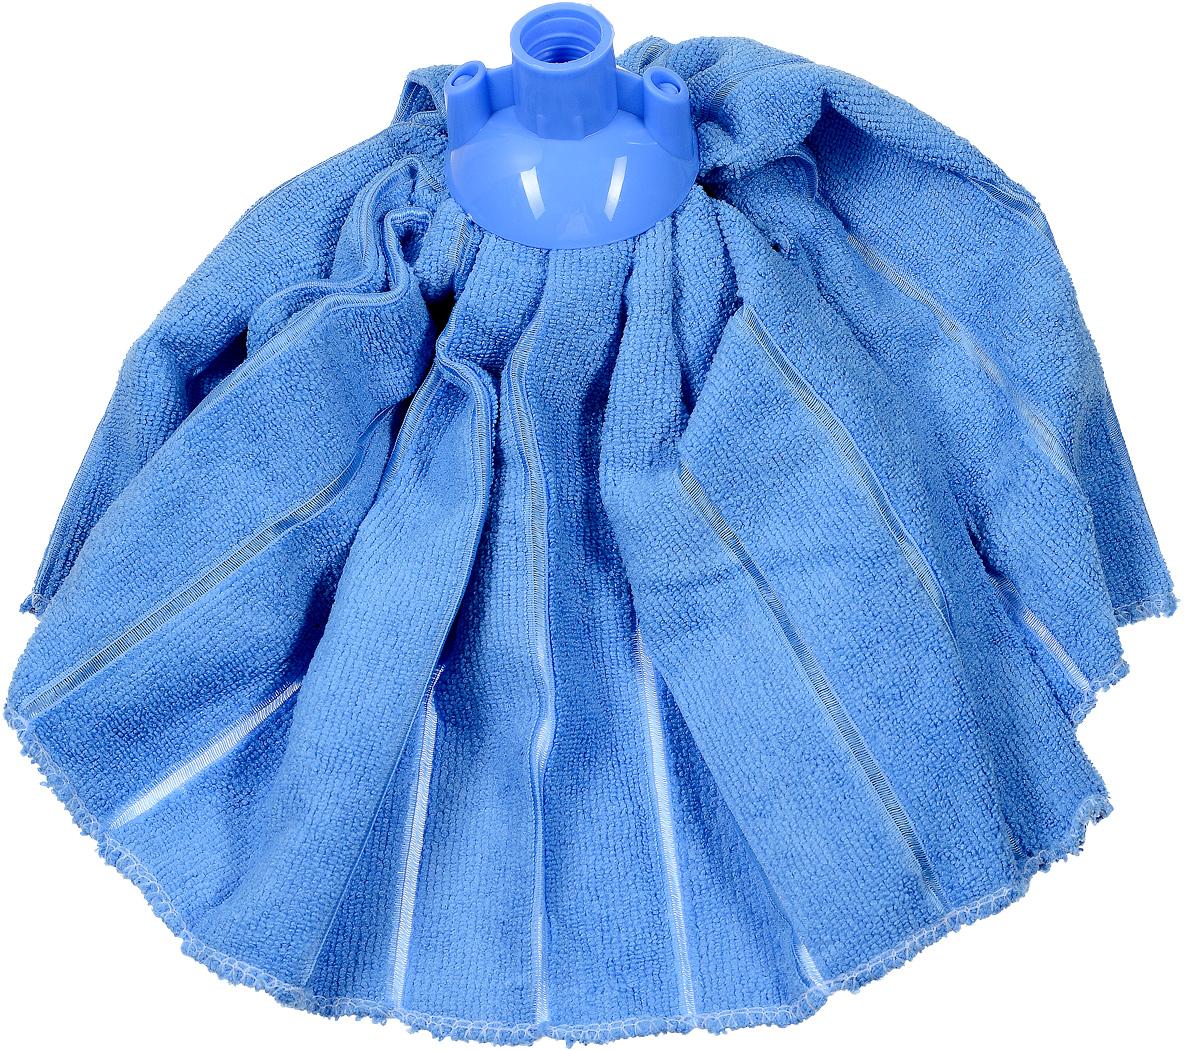 Насадка-юбка для швабры Home Queen, сменная, цвет: голубой531-301Сменная насадка для швабры Home Queen изготовлена из микрофибры и пластика. Микрофибра обладает высокой износостойкостью, не царапает поверхности и отлично впитывает влагу. Насадка отлично удаляет большинство жирных и маслянистых загрязнений без использования химических веществ. Насадка идеально подходит для мытья всех типов напольных покрытий. Она не оставляет разводов и ворсинок. Сменная насадка для швабры Home Queen станет незаменимой в хозяйстве.Длина: 32 см.Диаметр по нижнему краю: 46 см.